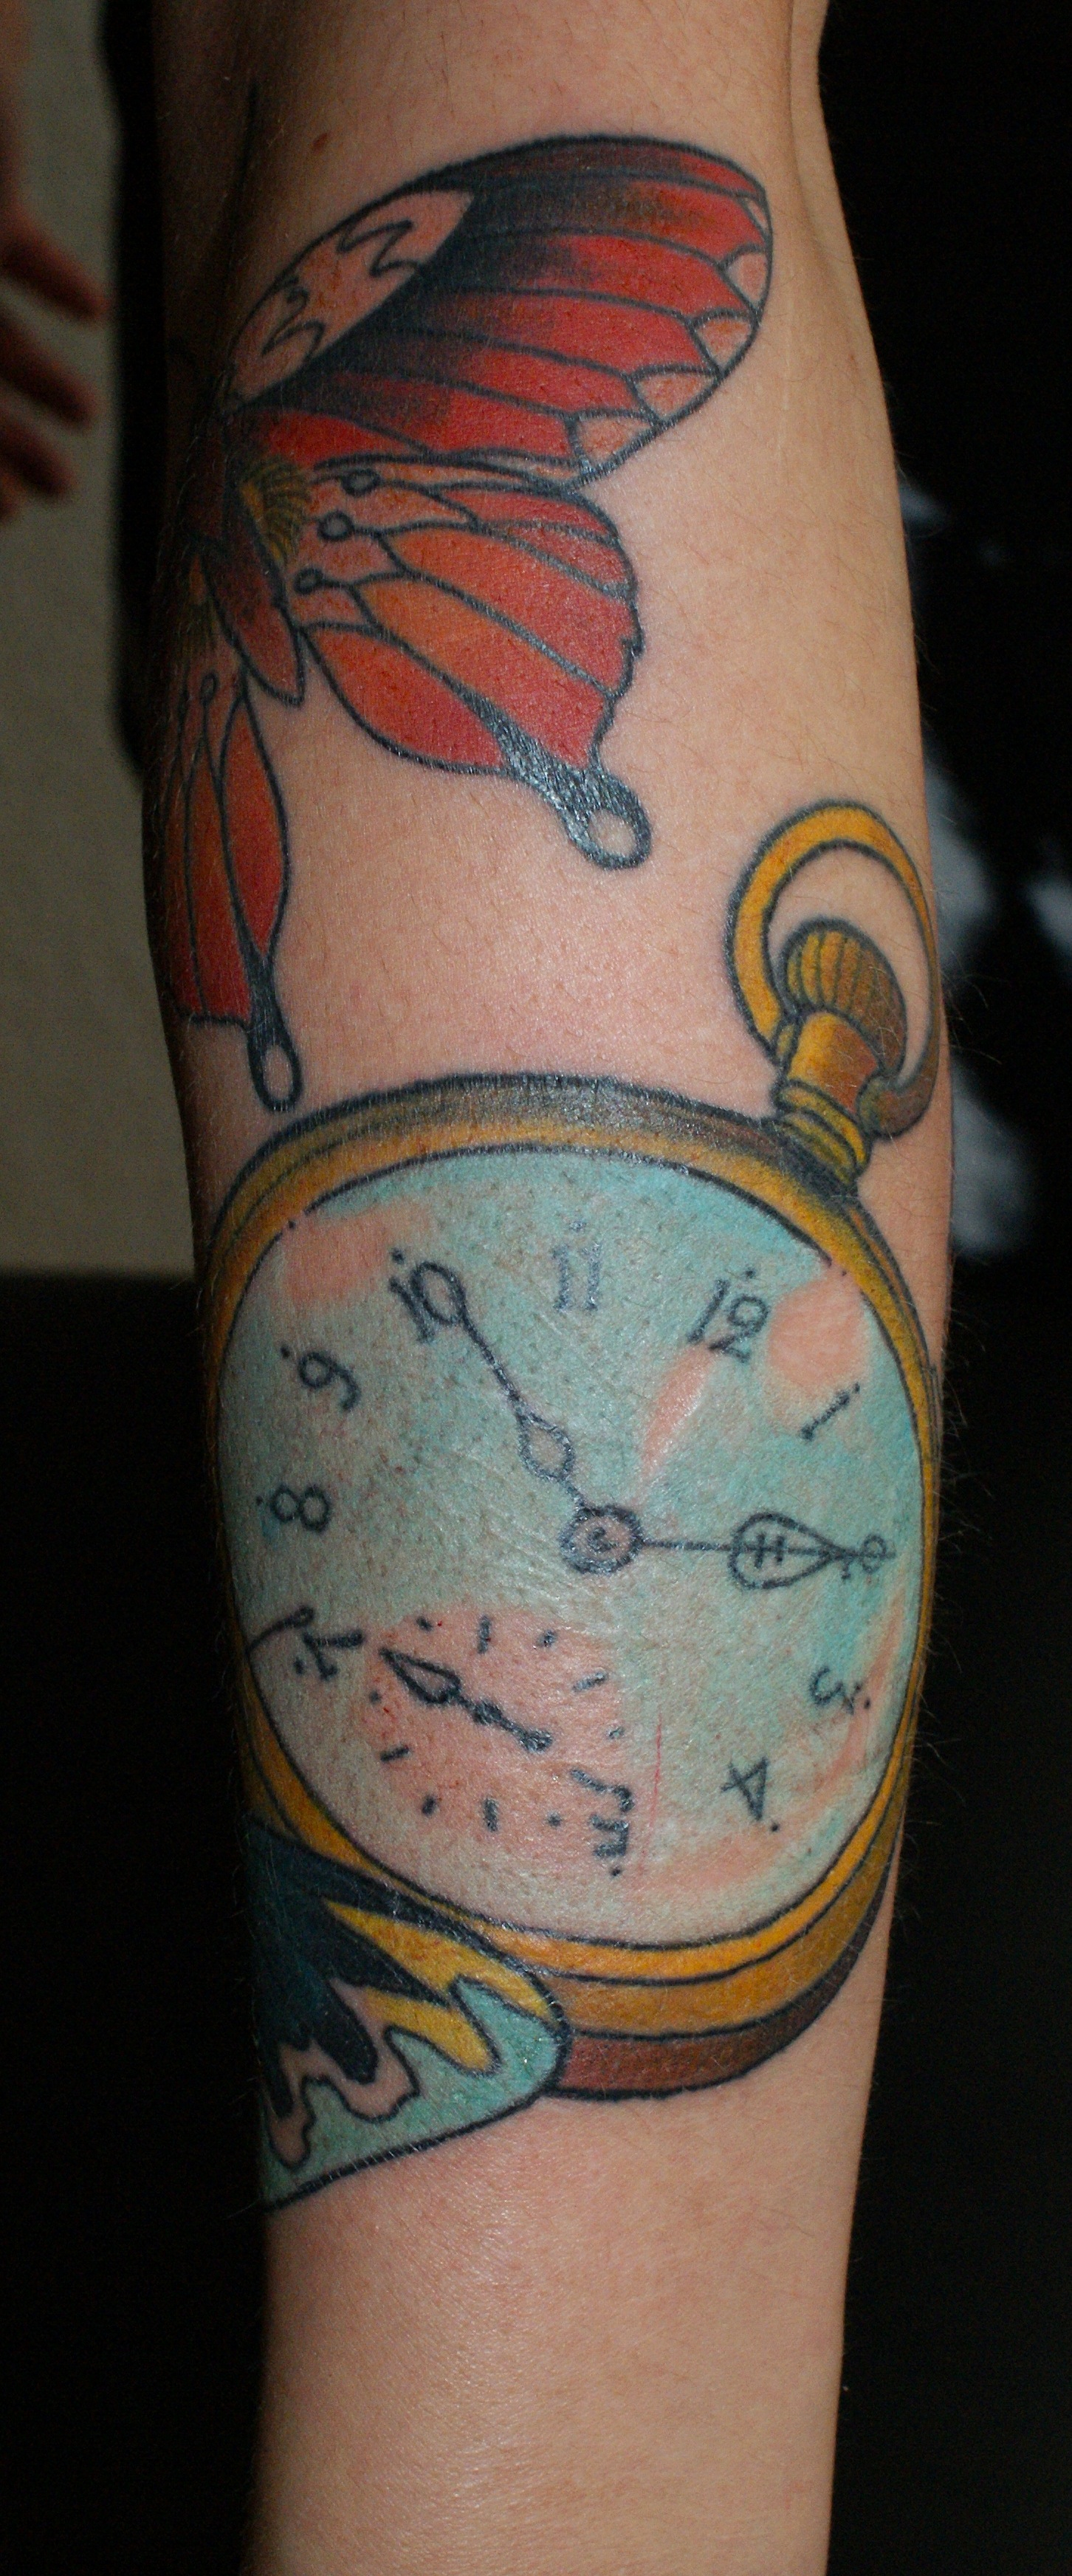 Auch die kaputte uhr geht zweimal am tag richtig hold for Hold fast tattoo